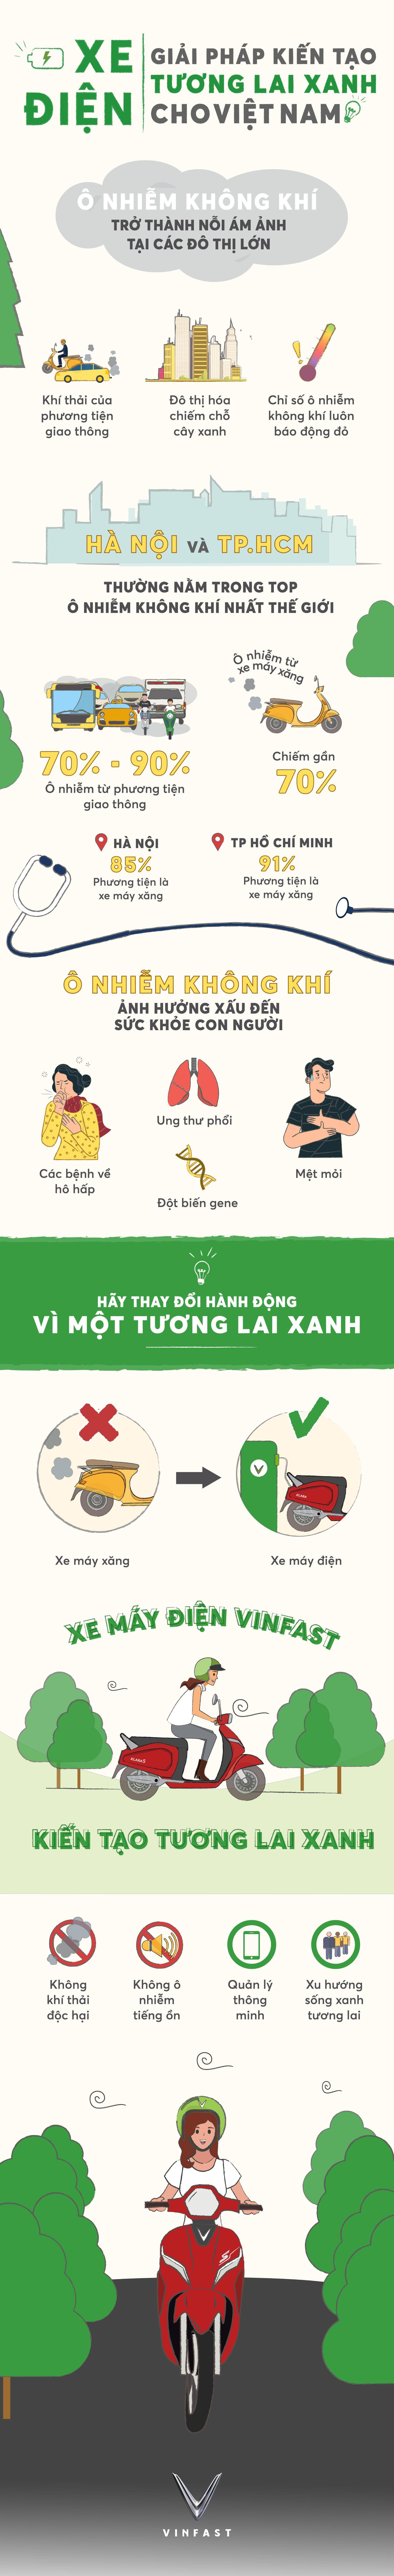 Infographic: Xe điện – Giải pháp kiến tạo tương lai xanh cho Việt Nam Ảnh 2